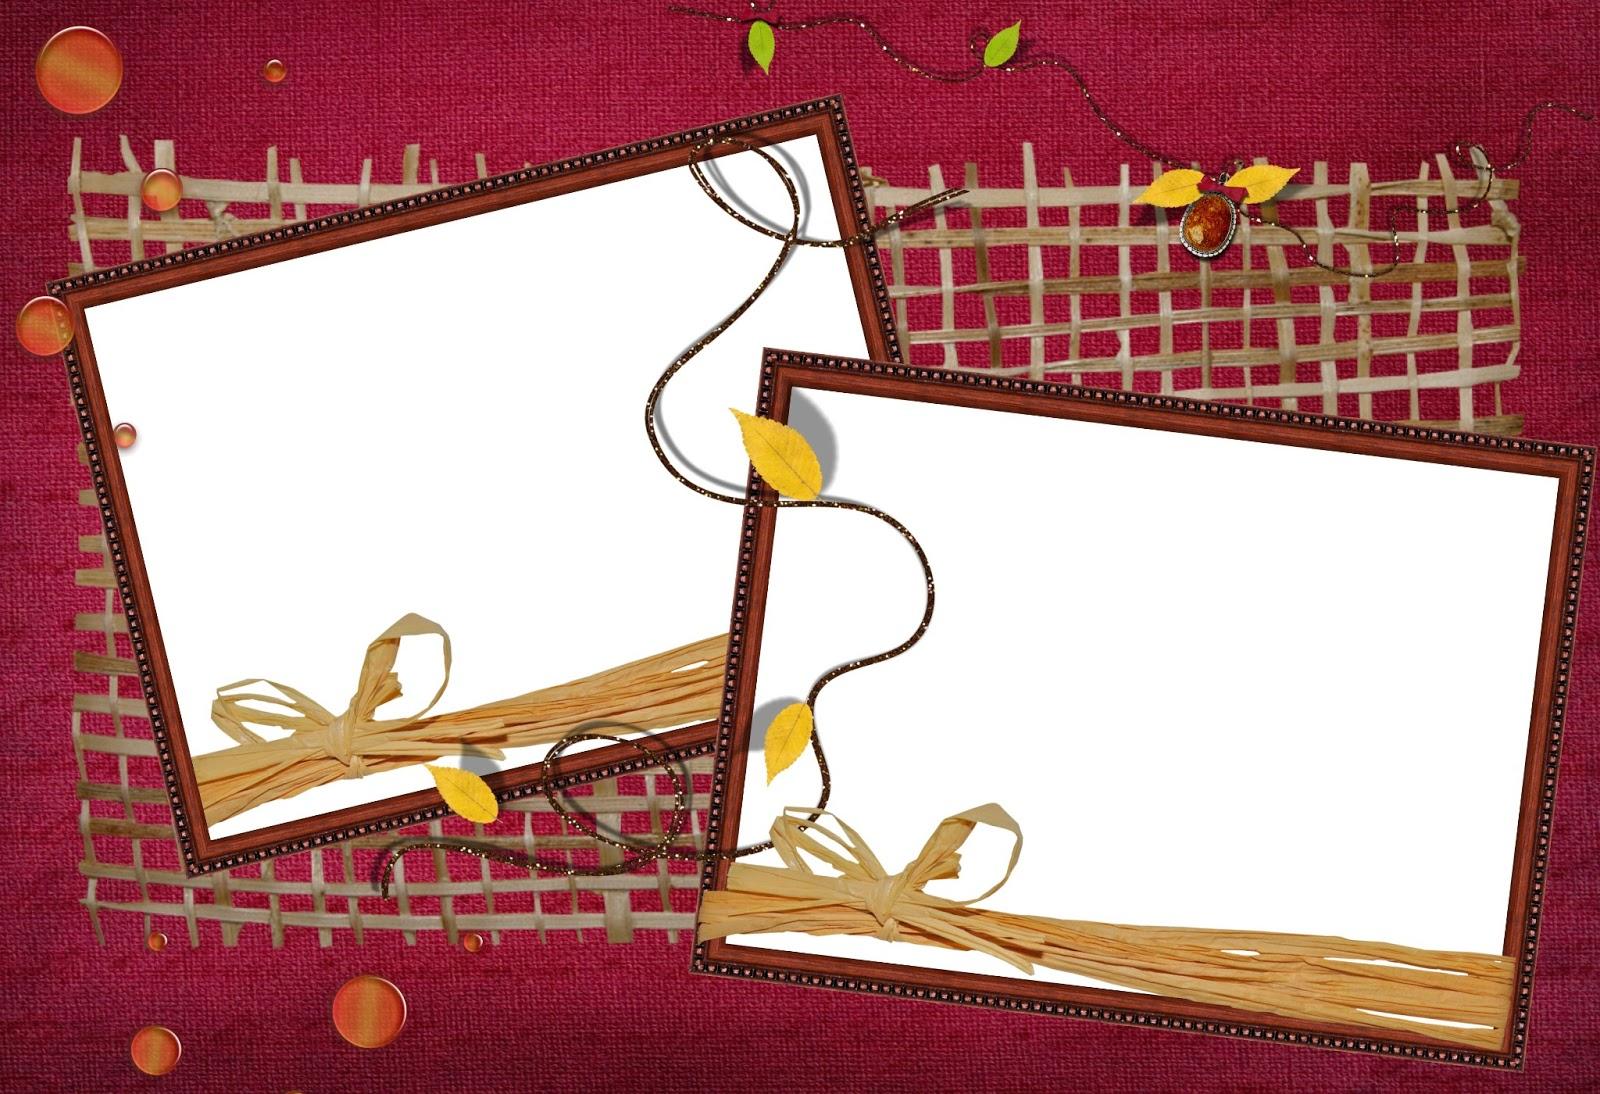 красивые картинки скачать бесплатно - Красивые картинки со стихами скачать бесплатно, фото